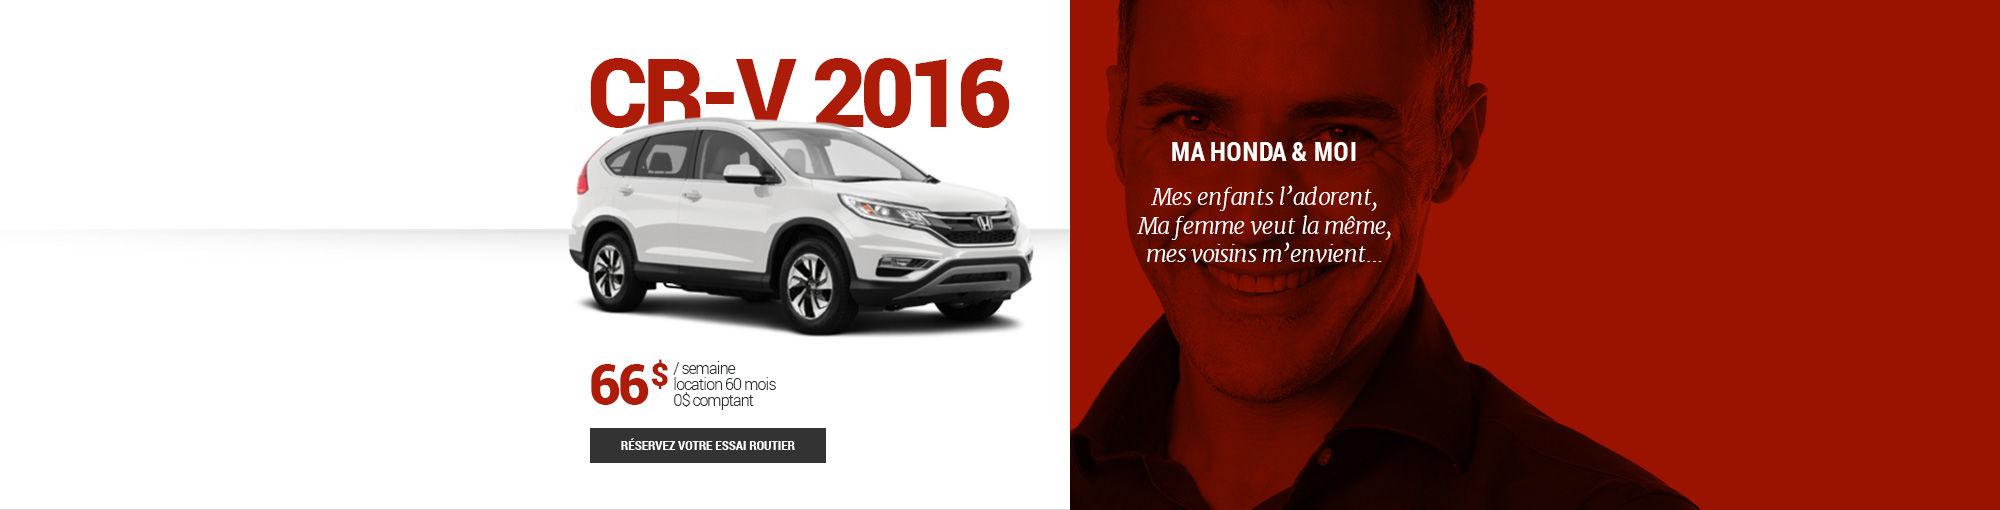 CR-V 2016 - octobre 2016